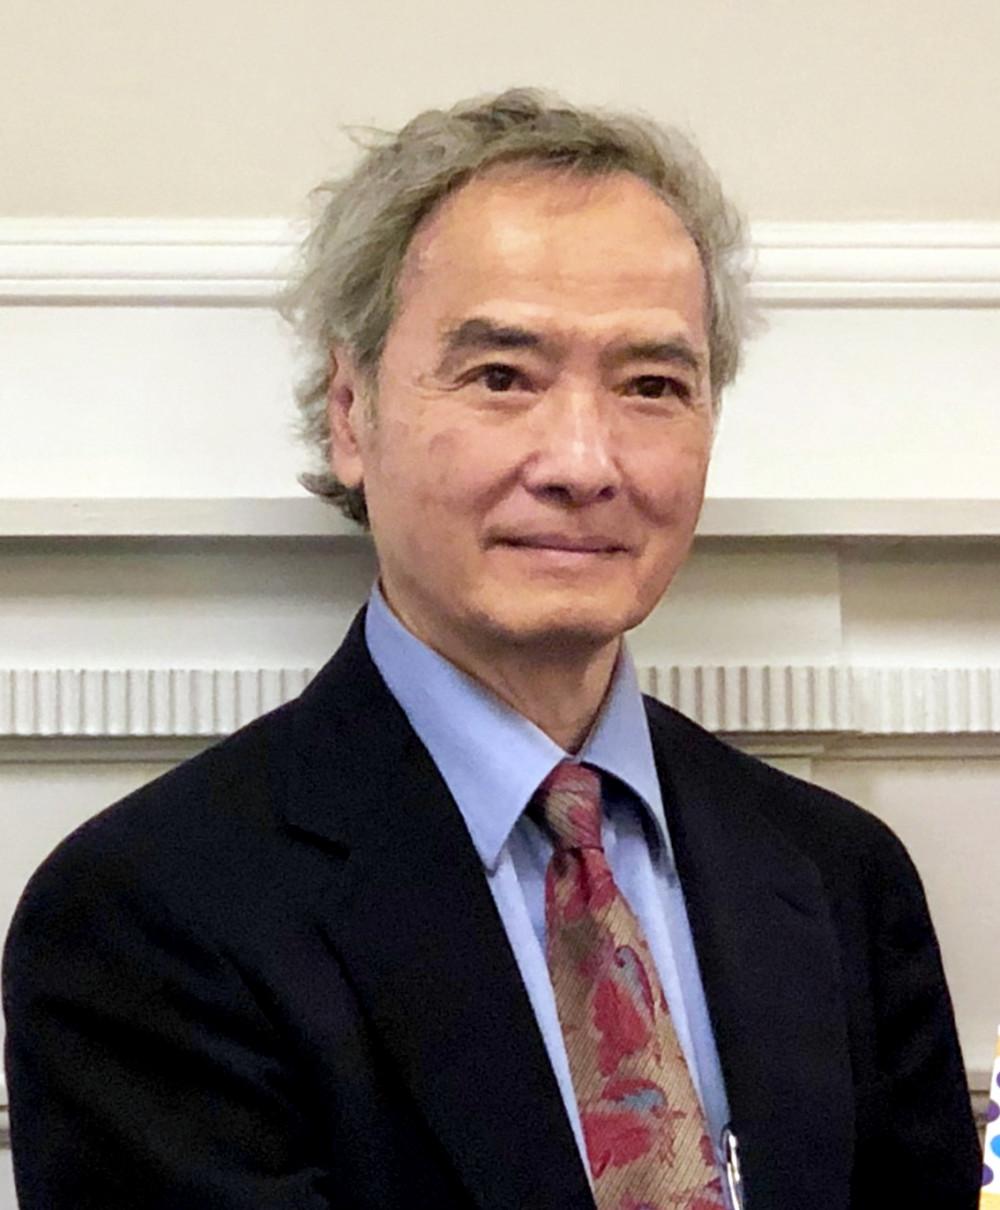 Giáo sư Ngô Vĩnh Long nhận bằng tiến sĩ lịch sử Đông Á và ngôn ngữ Viễn Đông tại Đại học Harvard năm 1978. Từ năm 1985, ông là giáo sư tại Đại học Maine giảng dạy các vấn đề lịch sử và chính trị Đông Á, Nam Á, Đông Nam Á và quan hệ giữa các quốc gia trong các khu vực này với nhau cũng như với Hoa Kỳ. Những năm gần đây, ông tập trung đến vấn đề phát triển và vai trò của các chính phủ nói chung. Bên cạnh nhiều đầu sách xuất bản ở nước ngoài, ông là đồng tác giả cuốn Nông nghiệp và nông thôn thời kỳ công nghiệp hóa và hiện đại hóa do Nhà xuất bản Chính trị Quốc gia ấn hành năm 1997.